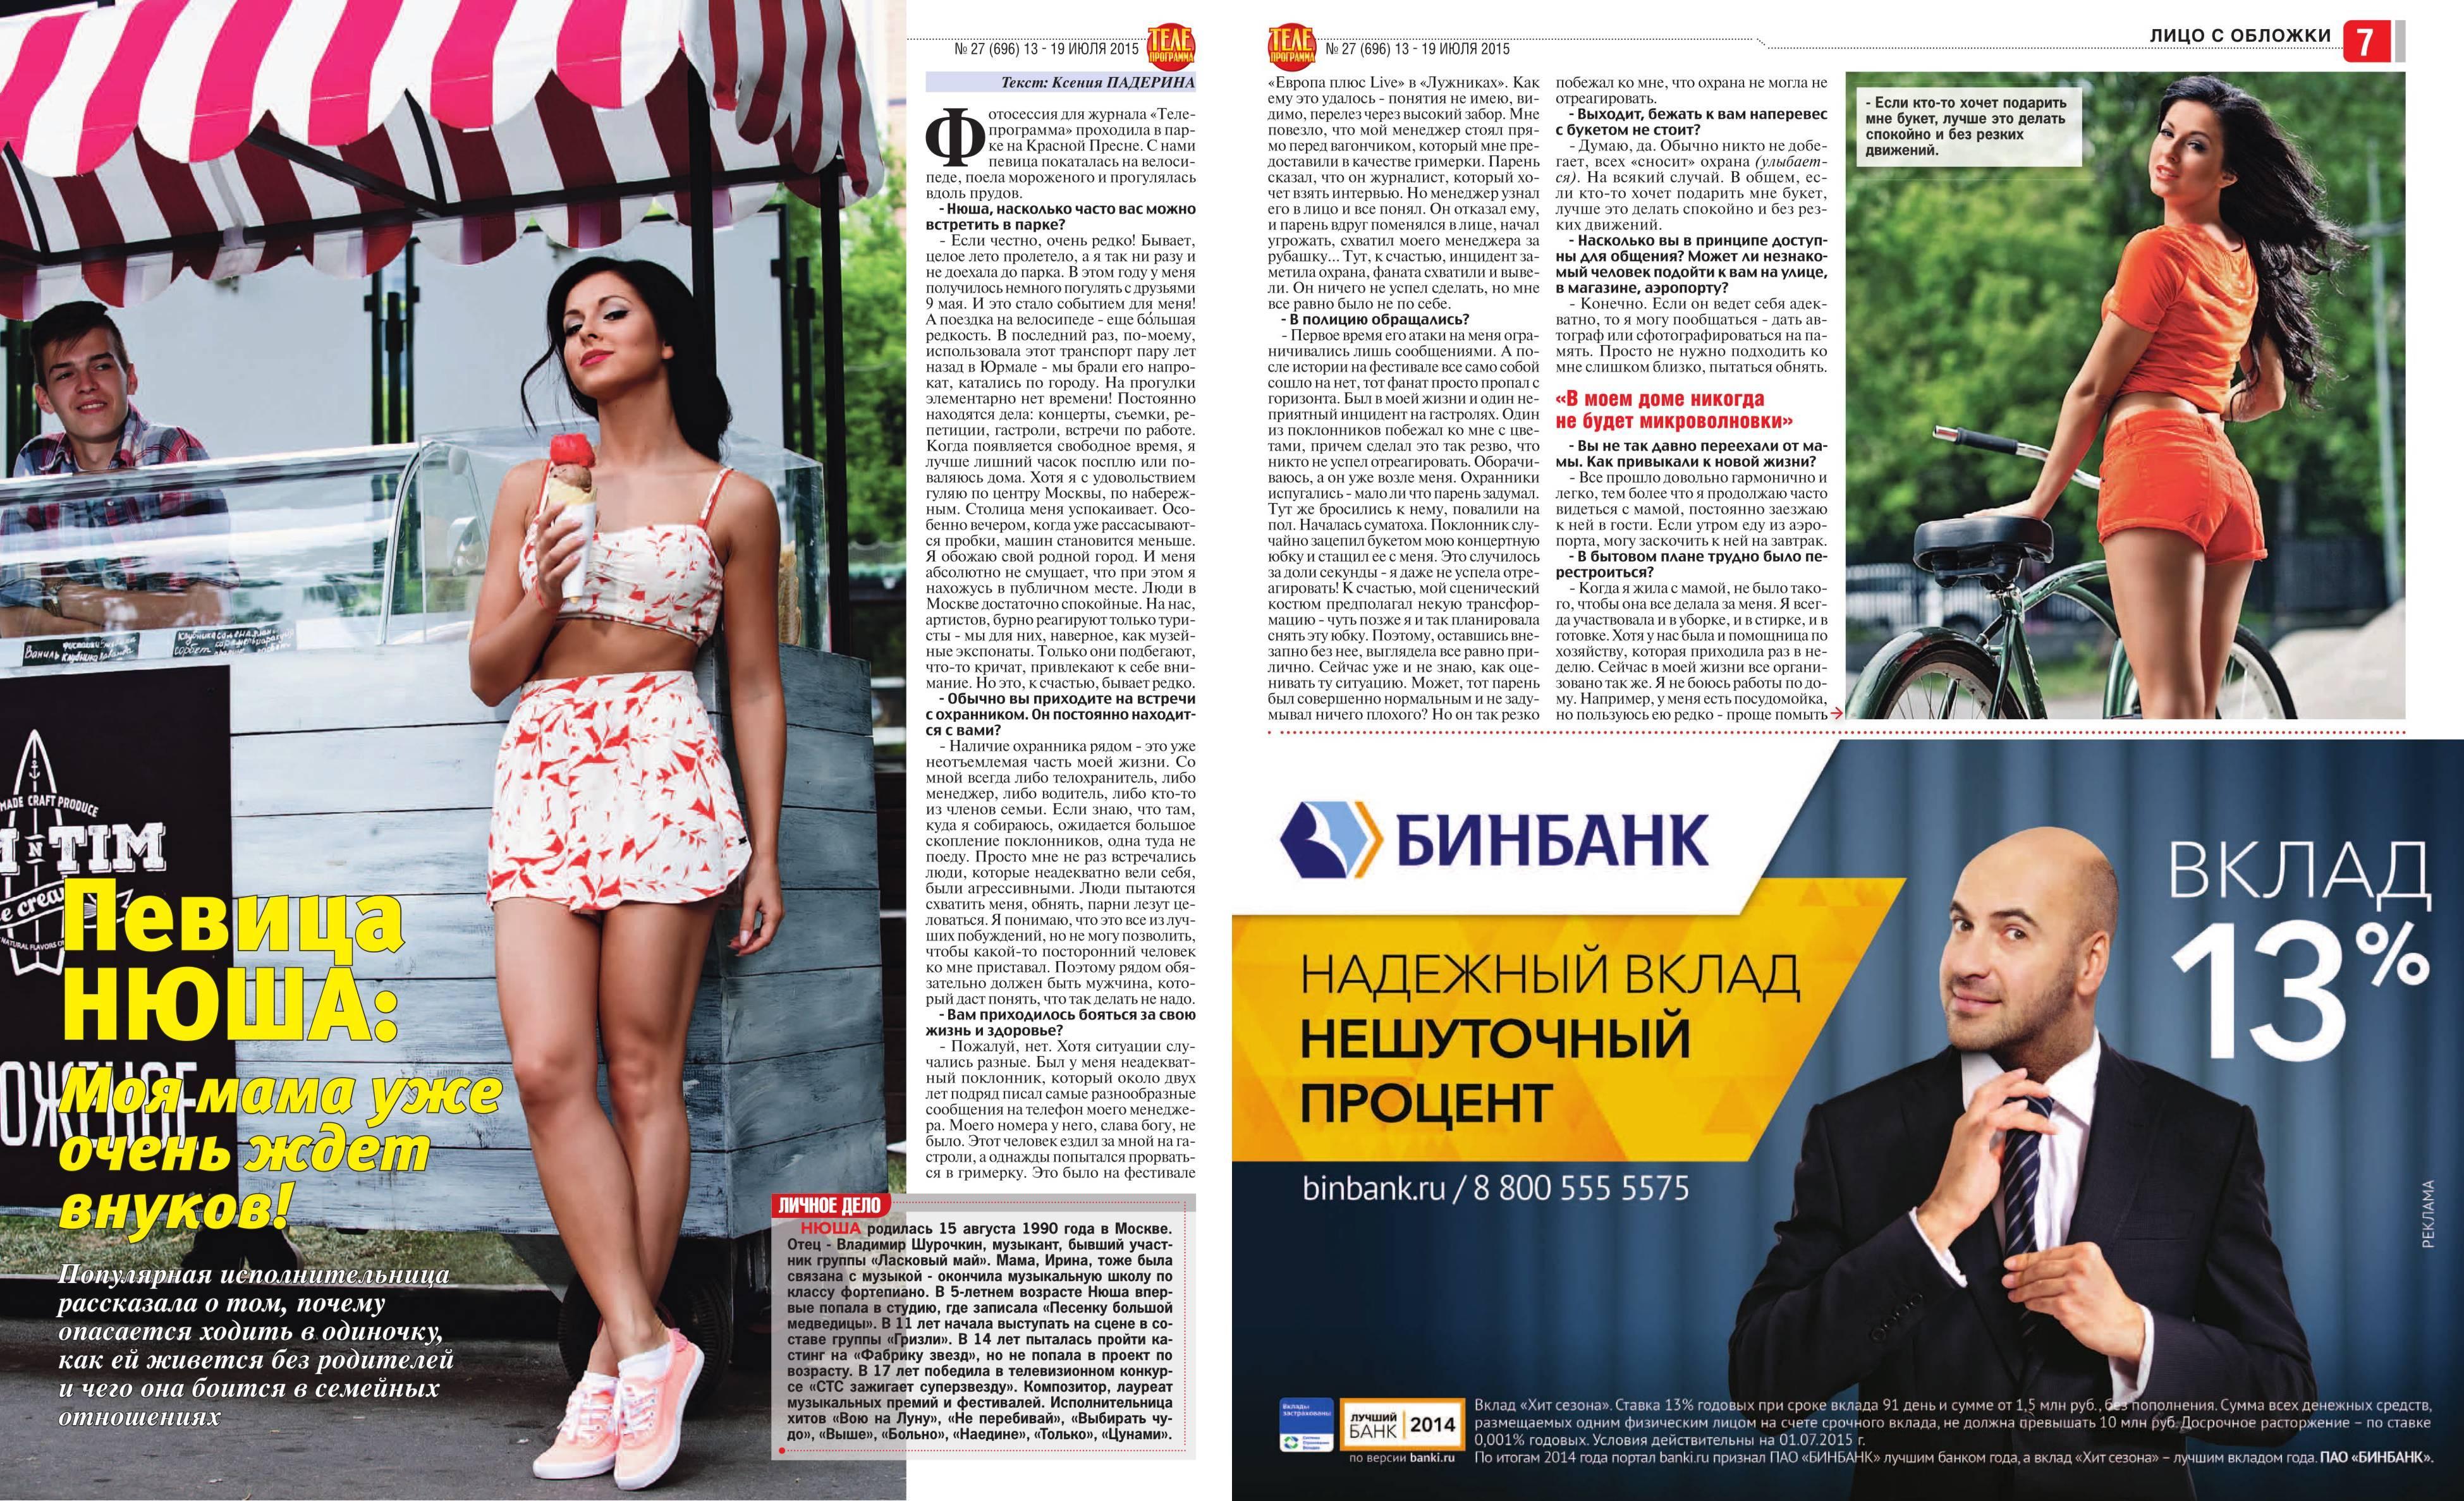 https://img-fotki.yandex.ru/get/4402/123965731.32/0_fb5cd_681253ea_orig.jpg